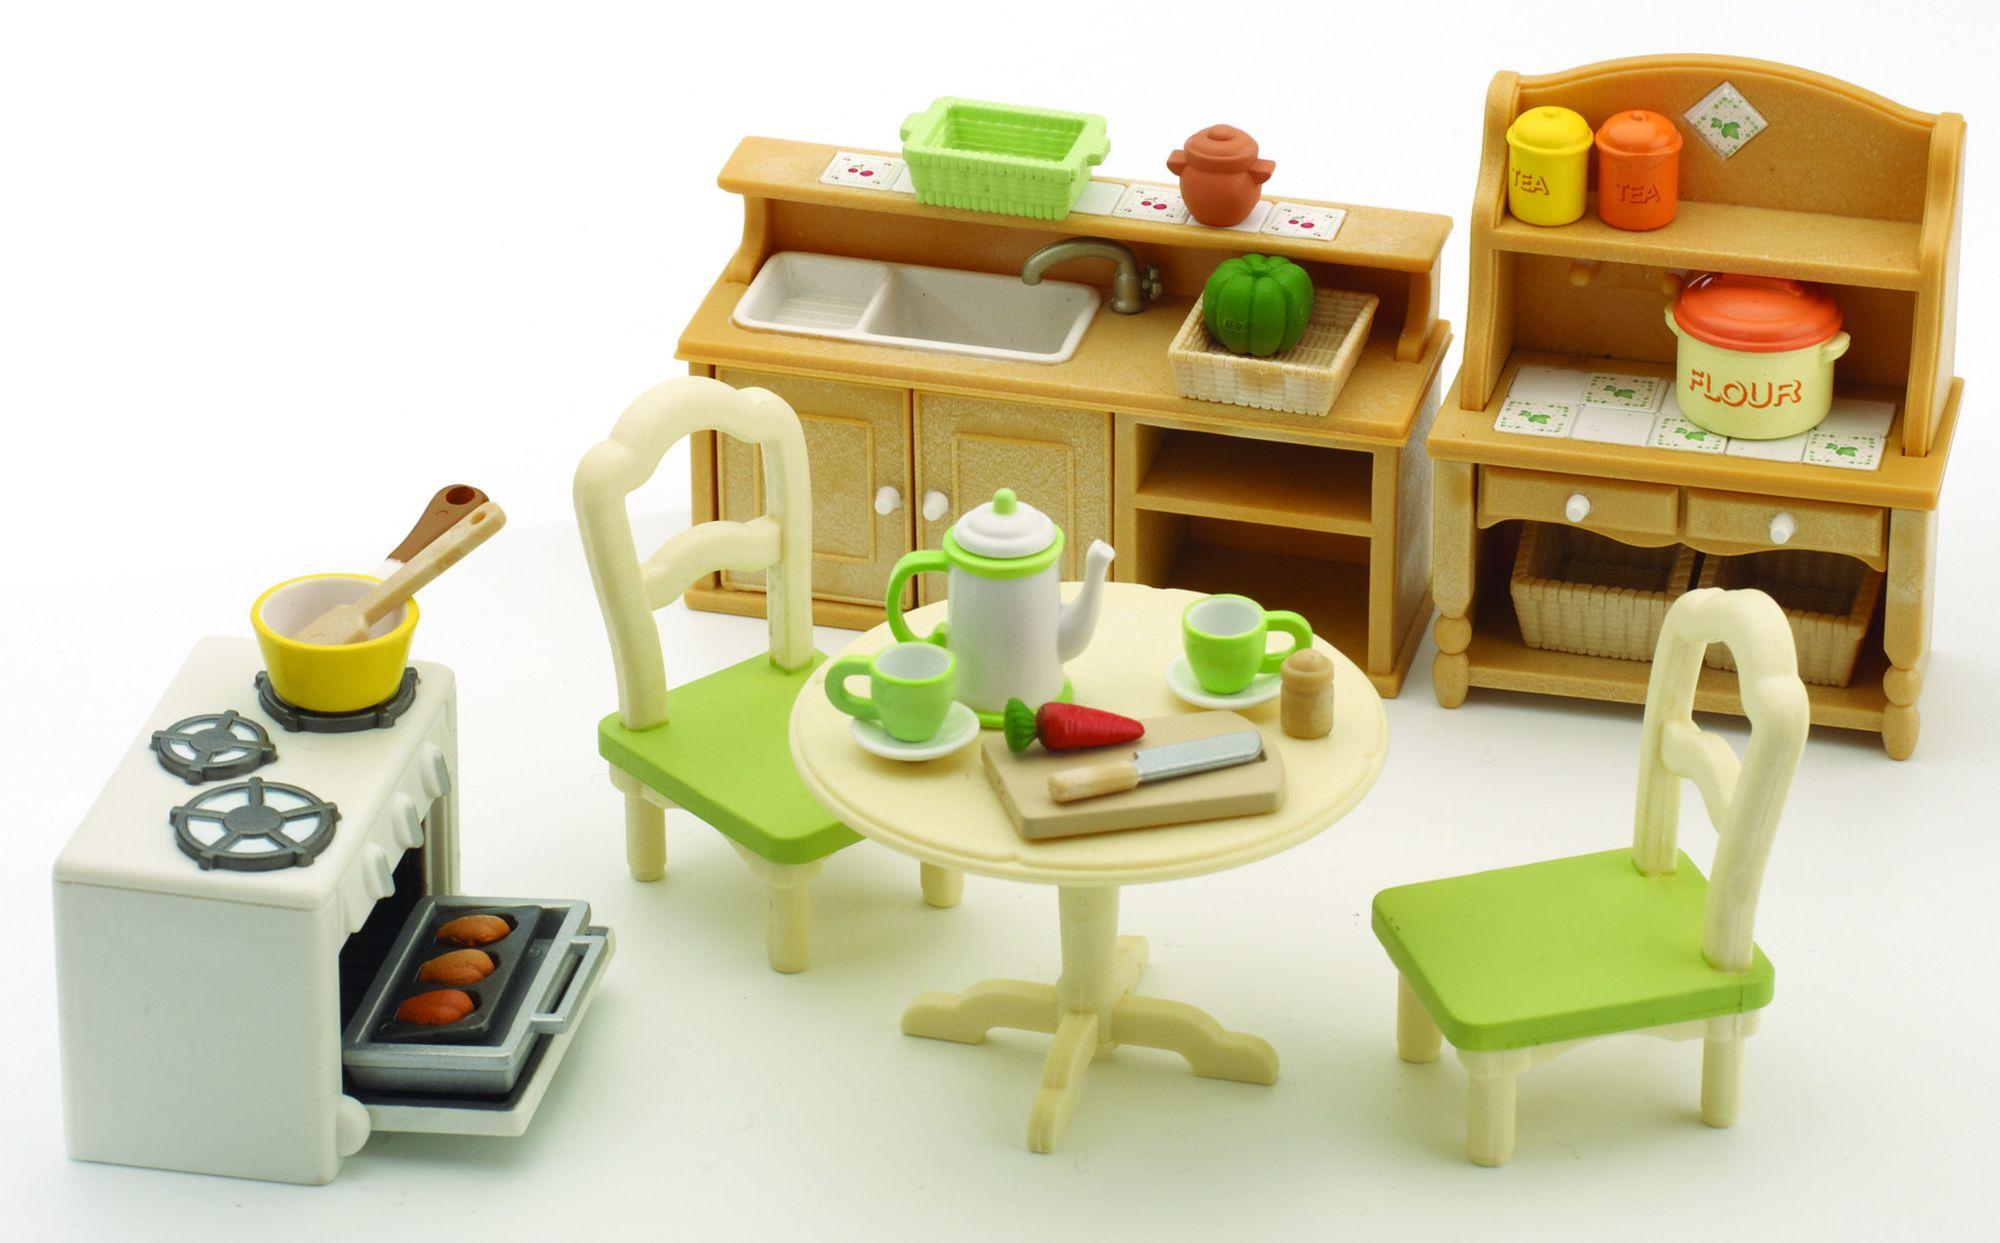 Sylvanian families 2951 poup es et accessoires set for Accessoir de cuisine